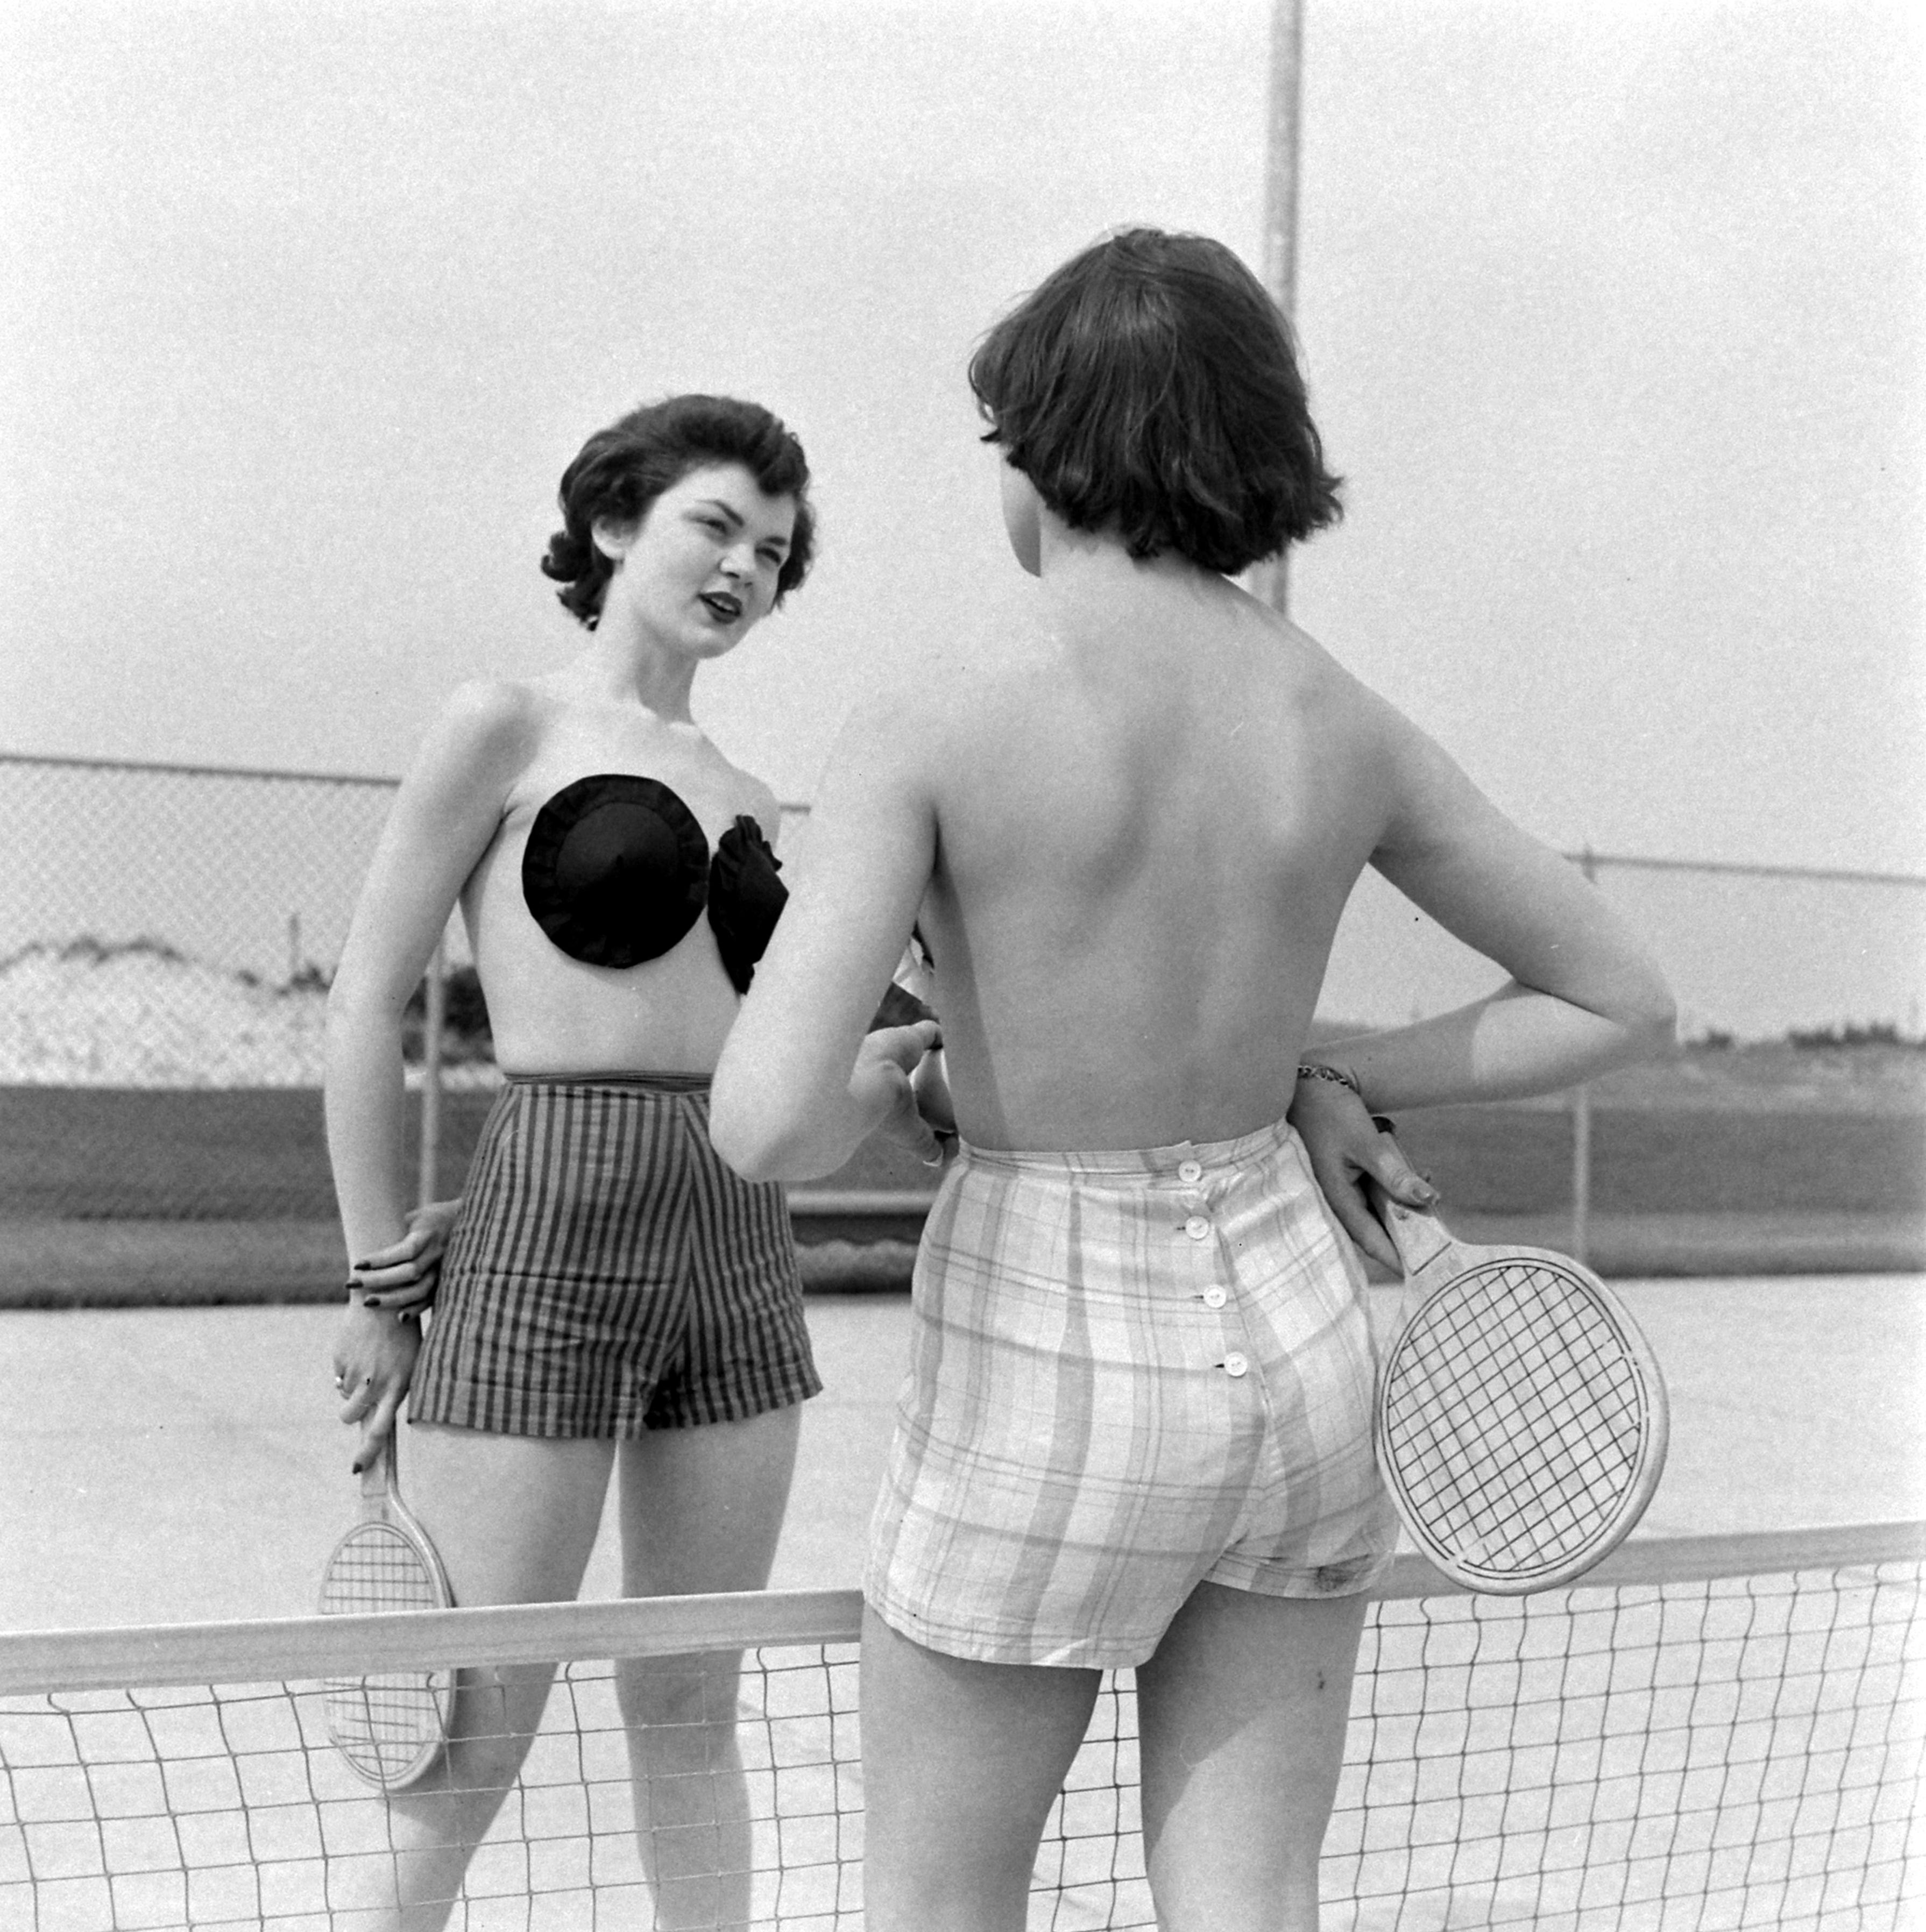 Modelki udające tenisistki na sesji zdjęciowej w 1949 r.